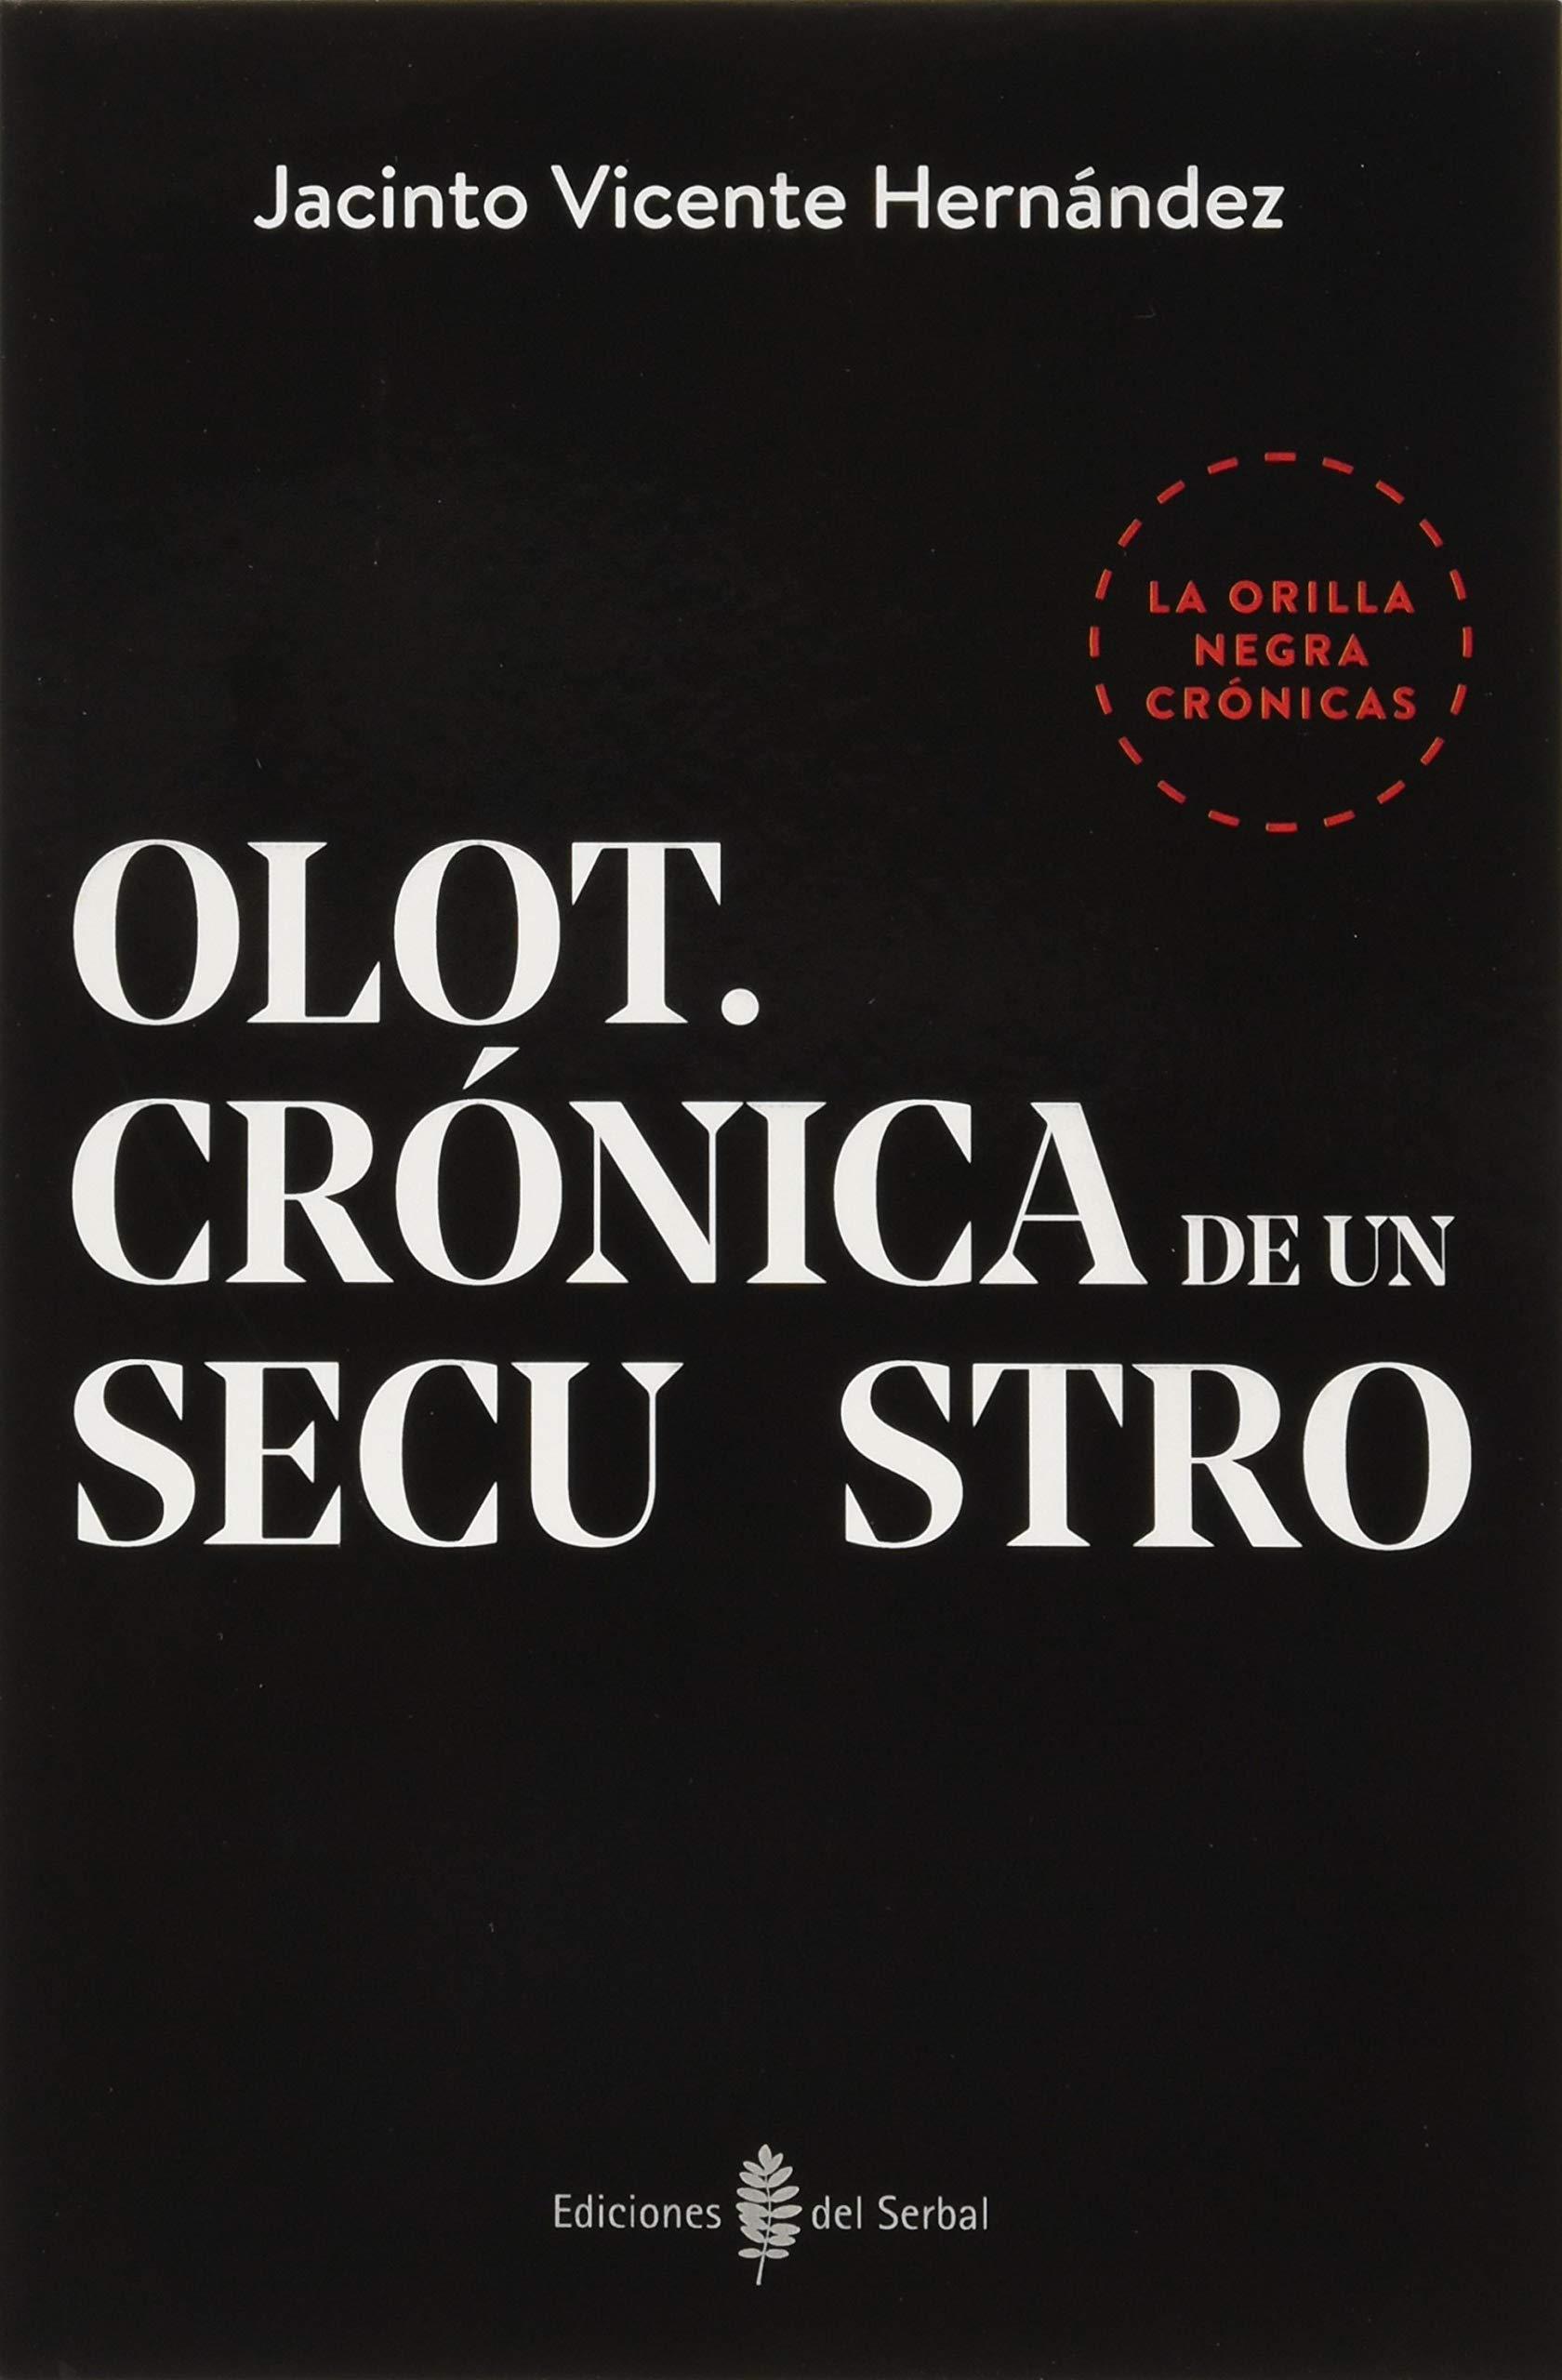 Olot. Crónica De un secuestro: 15 (La orilla negra): Amazon.es: Vicente Hernández, Jacinto: Libros